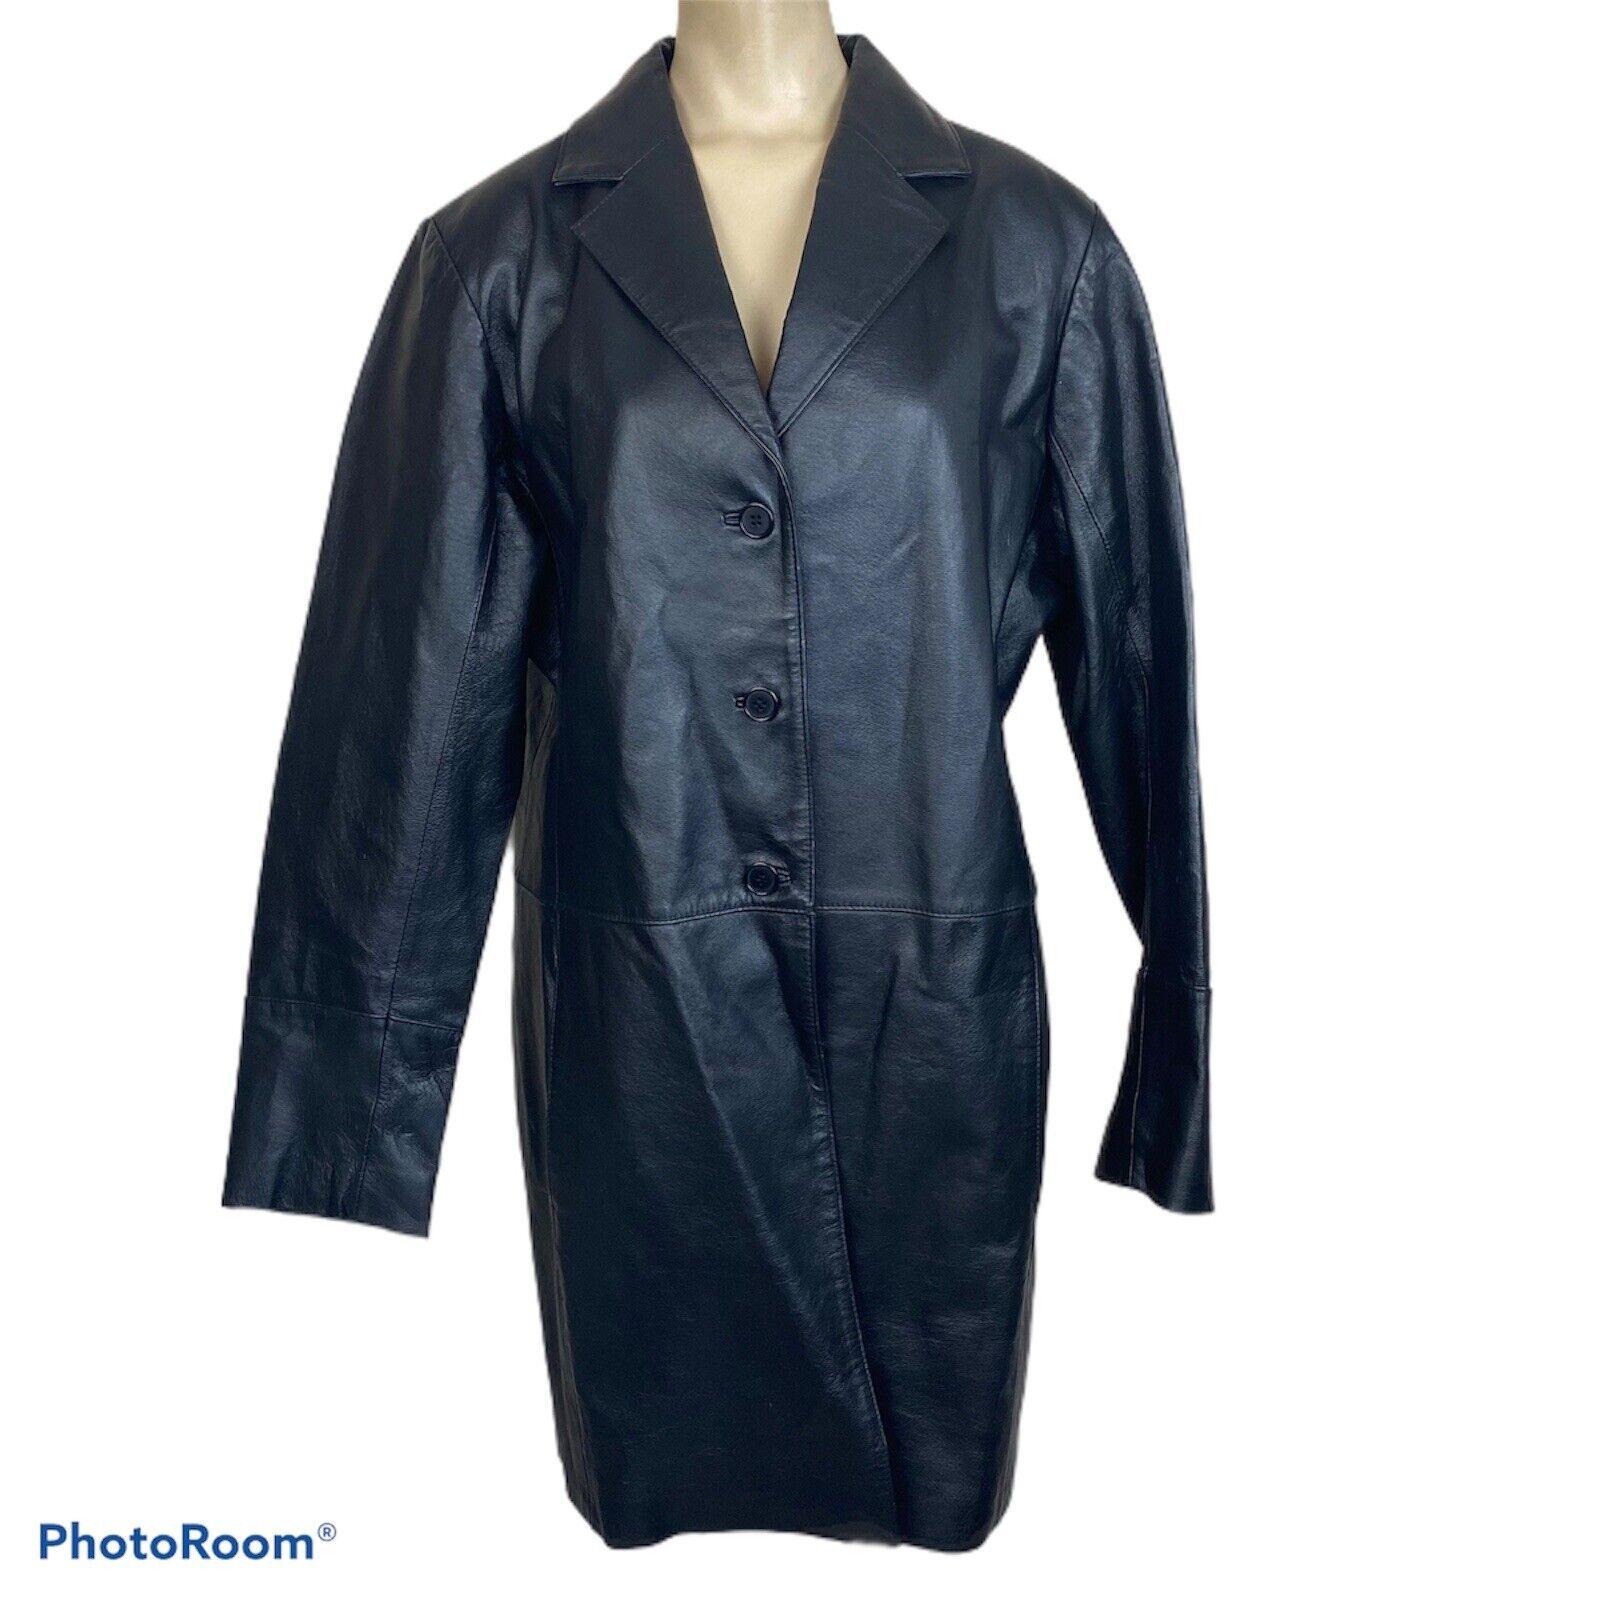 Vintage Bagatelle Womens L Long Leather Jacket Coat Black Button